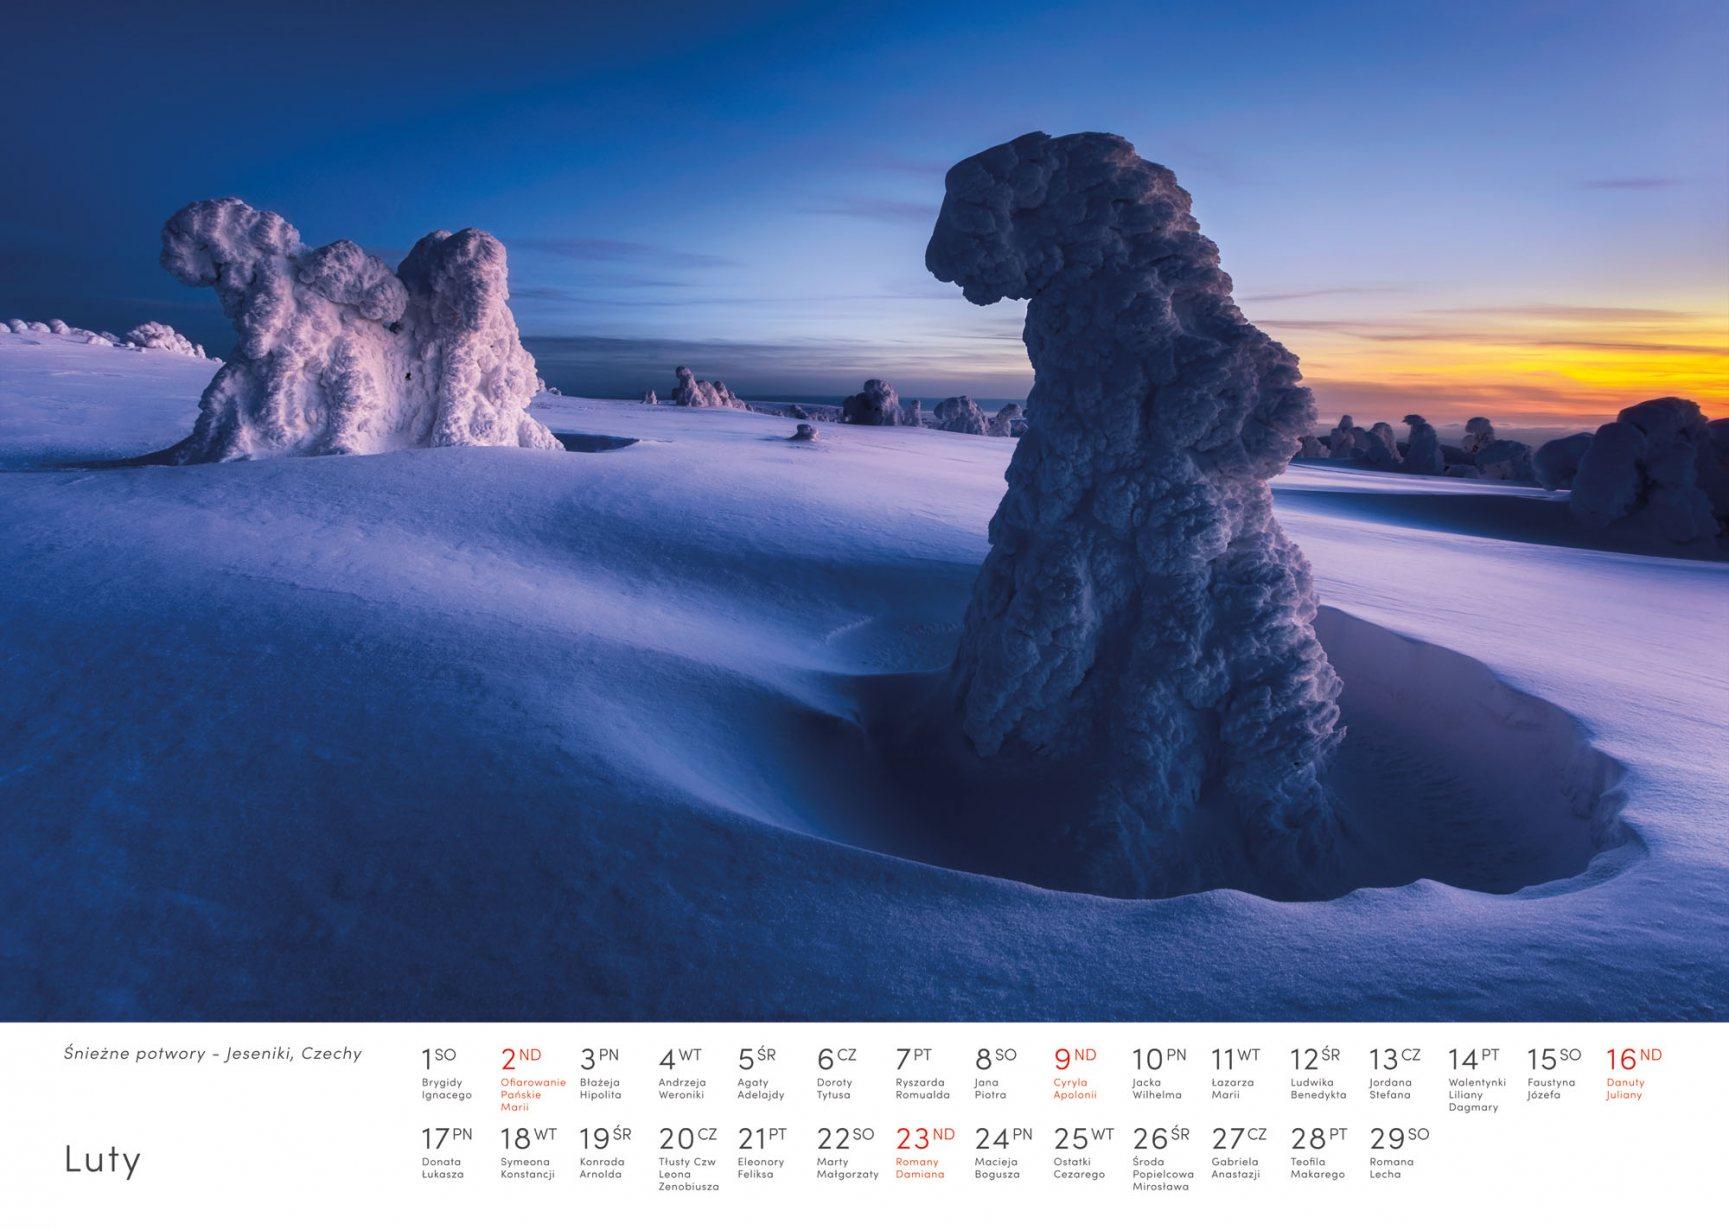 Kalendarz krajobrazy 2020 - Luty - Piotr Kałuża - Oblodzone drzewa